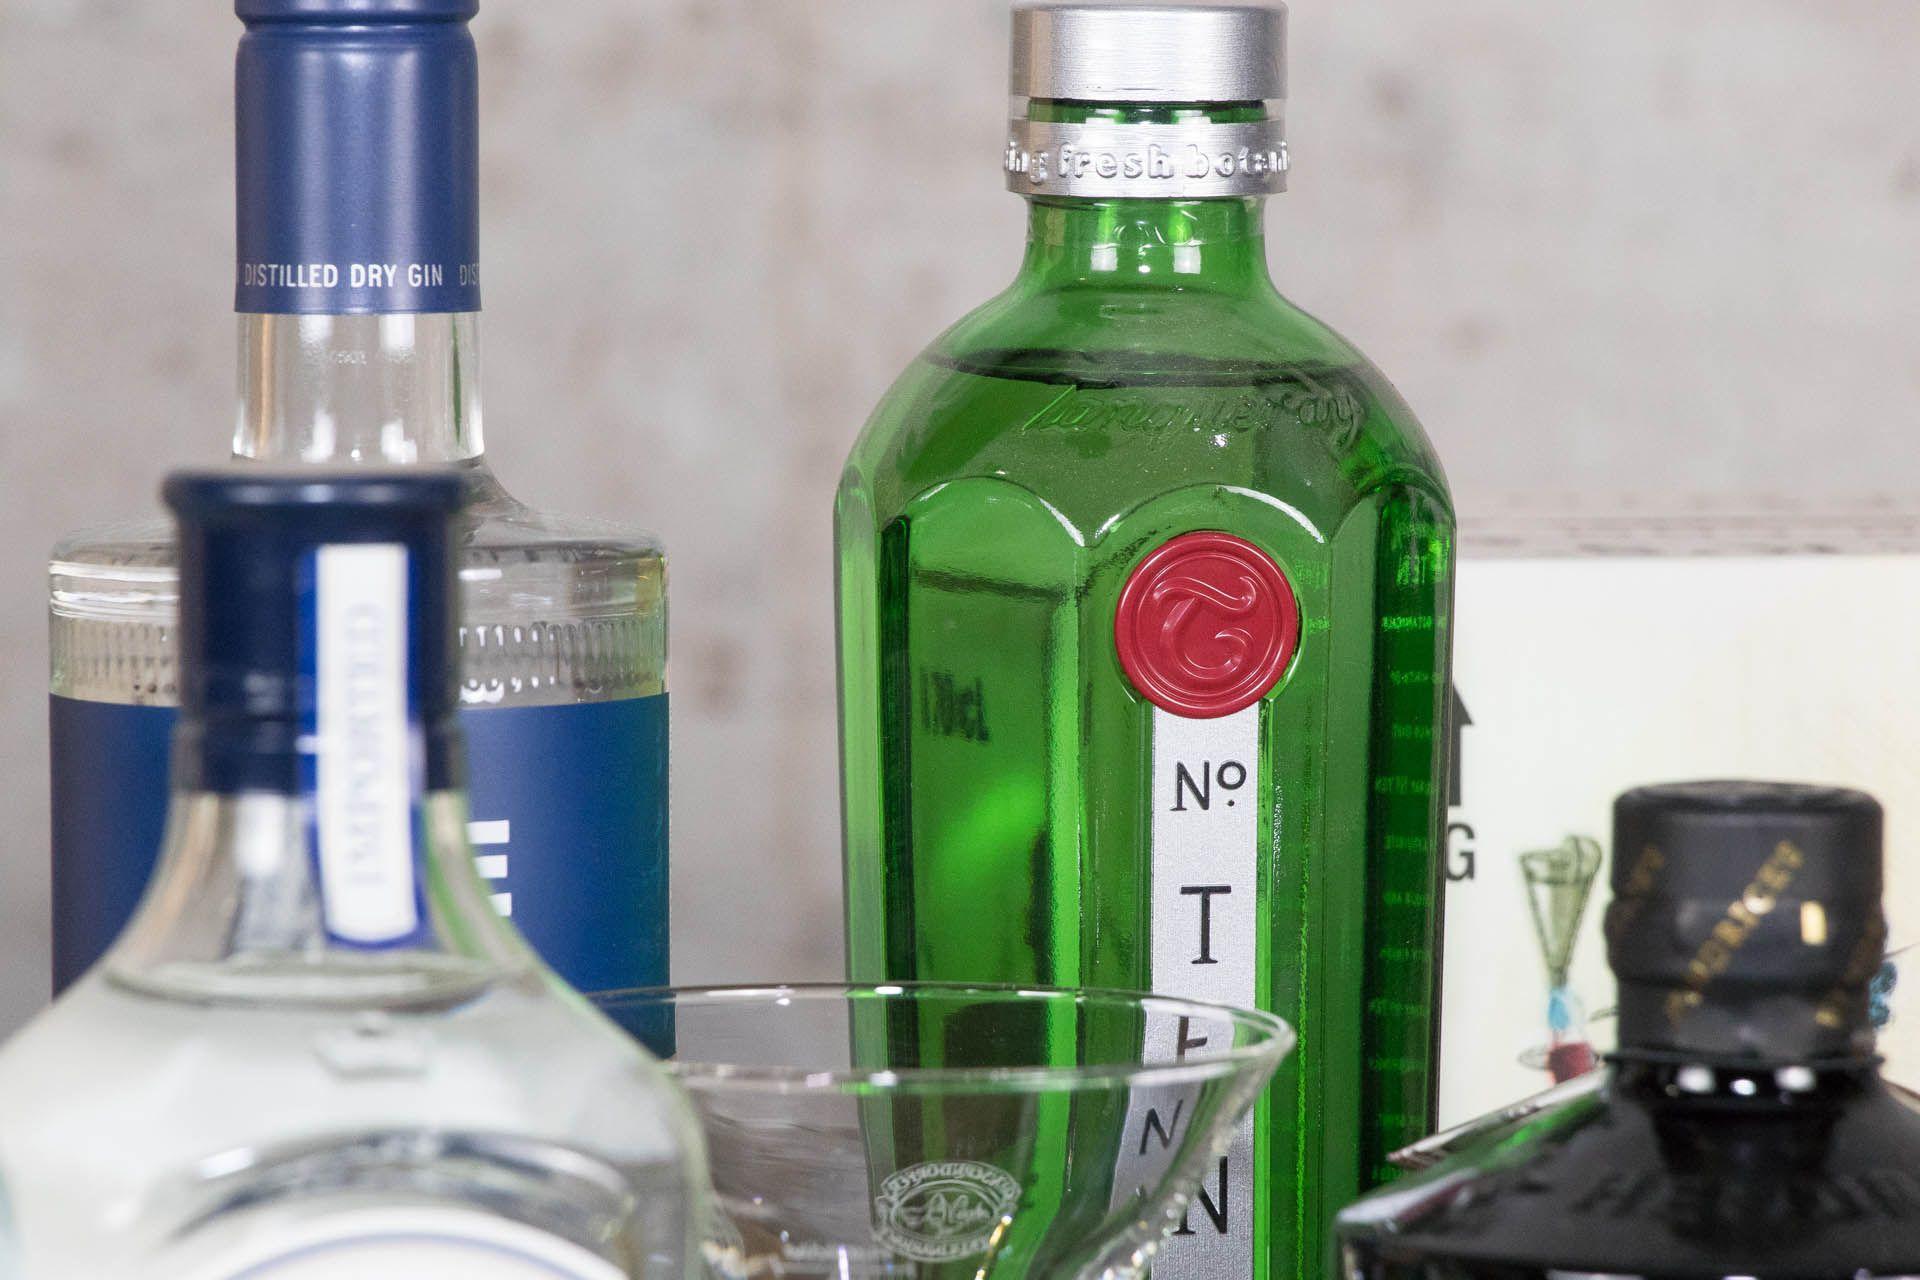 Gin kaufen in Salzburg und Gin Tonic mixen - der beliebteste Longdrink